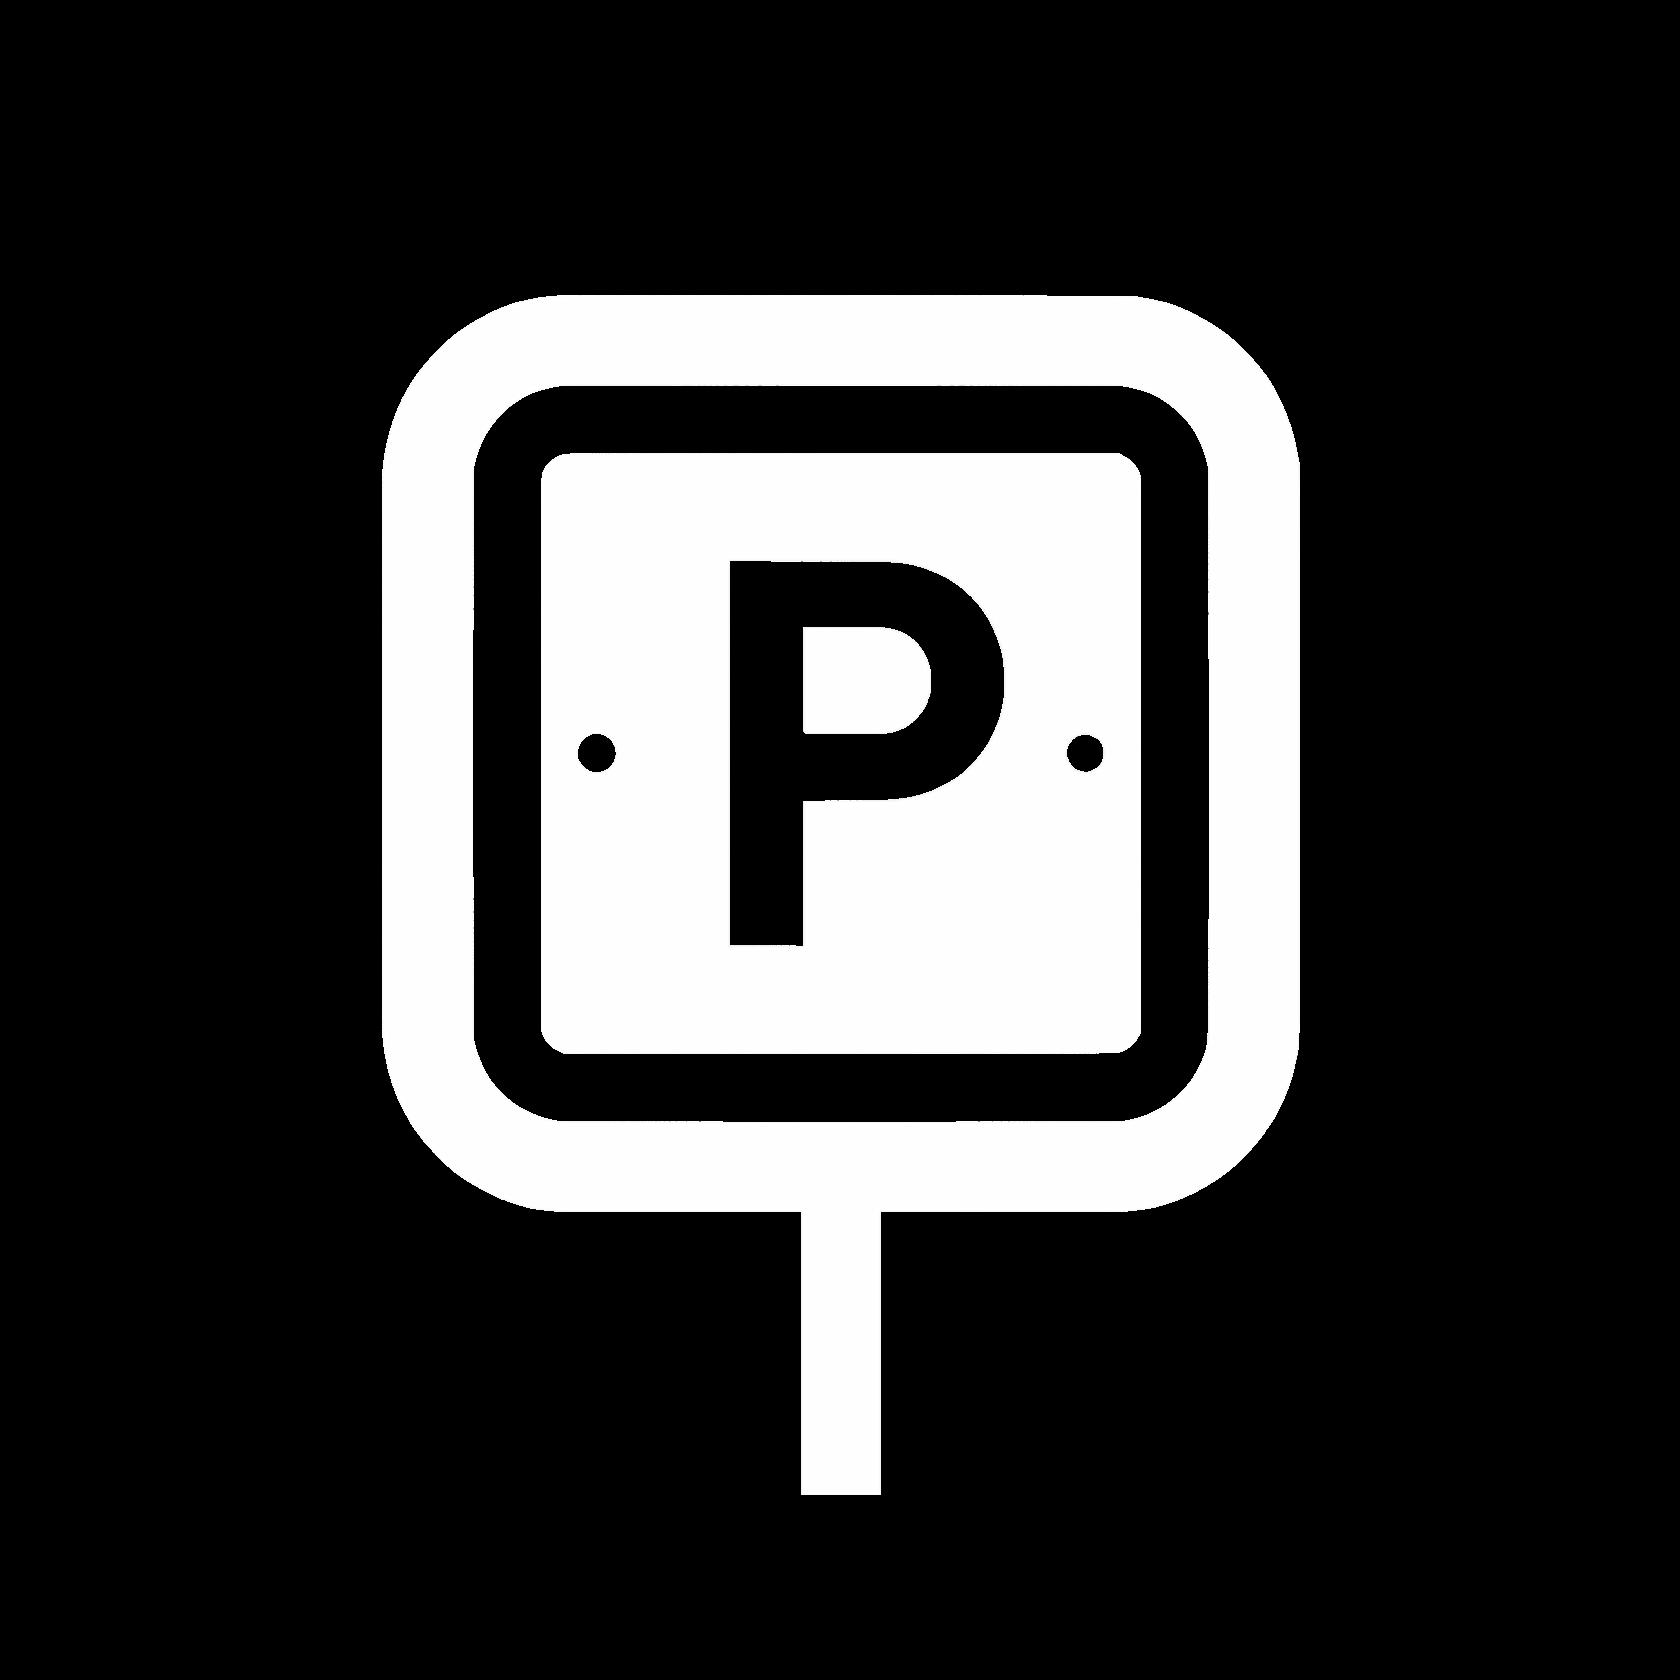 安い駐車場!近い駐車場!